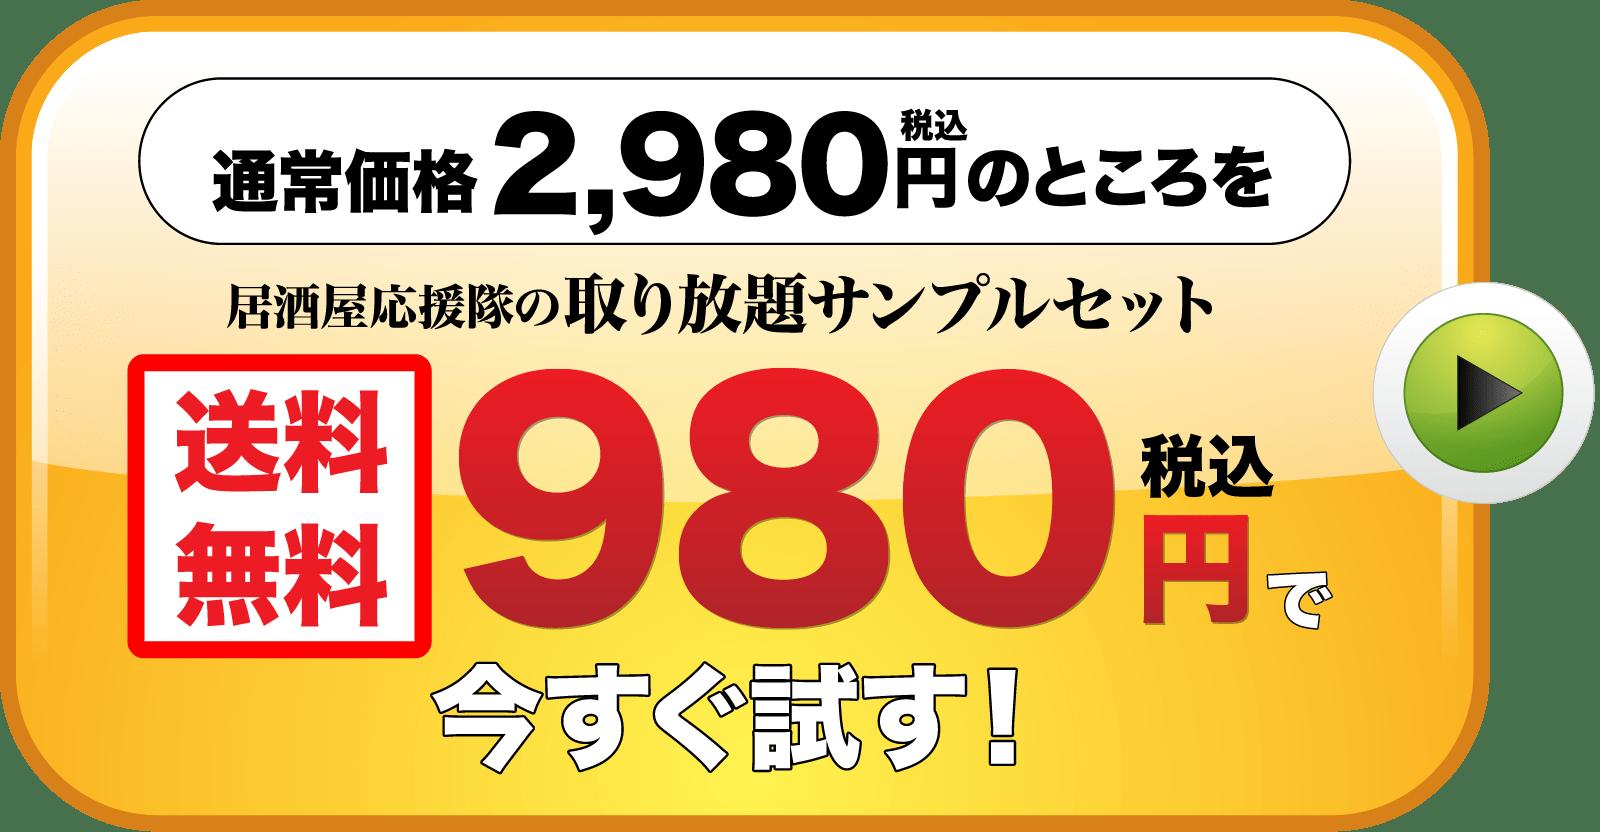 送料無料980円(税込)で今すぐ試す!